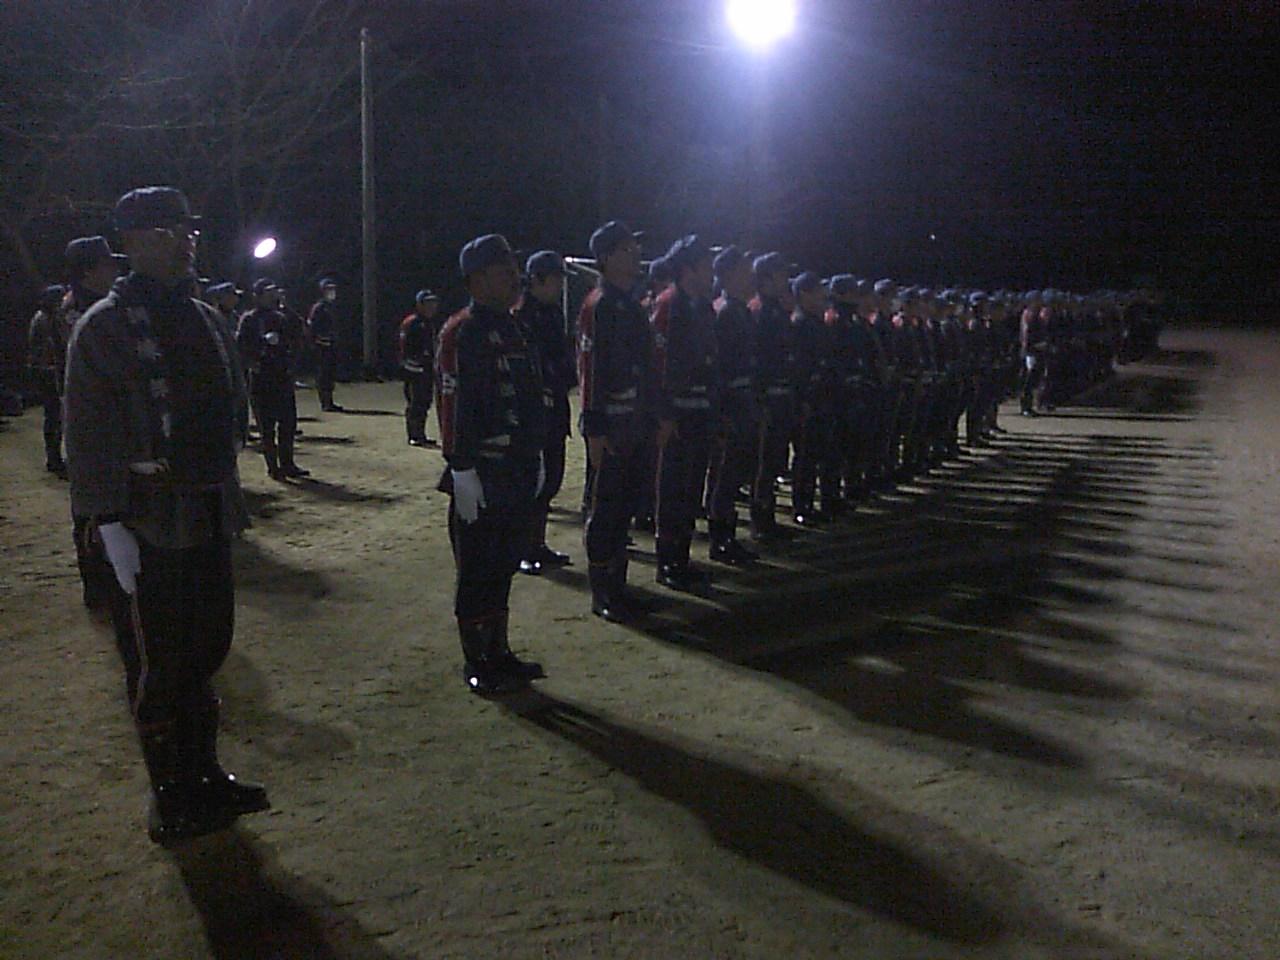 今年も消防団の規律訓練_e0068696_11564255.jpg